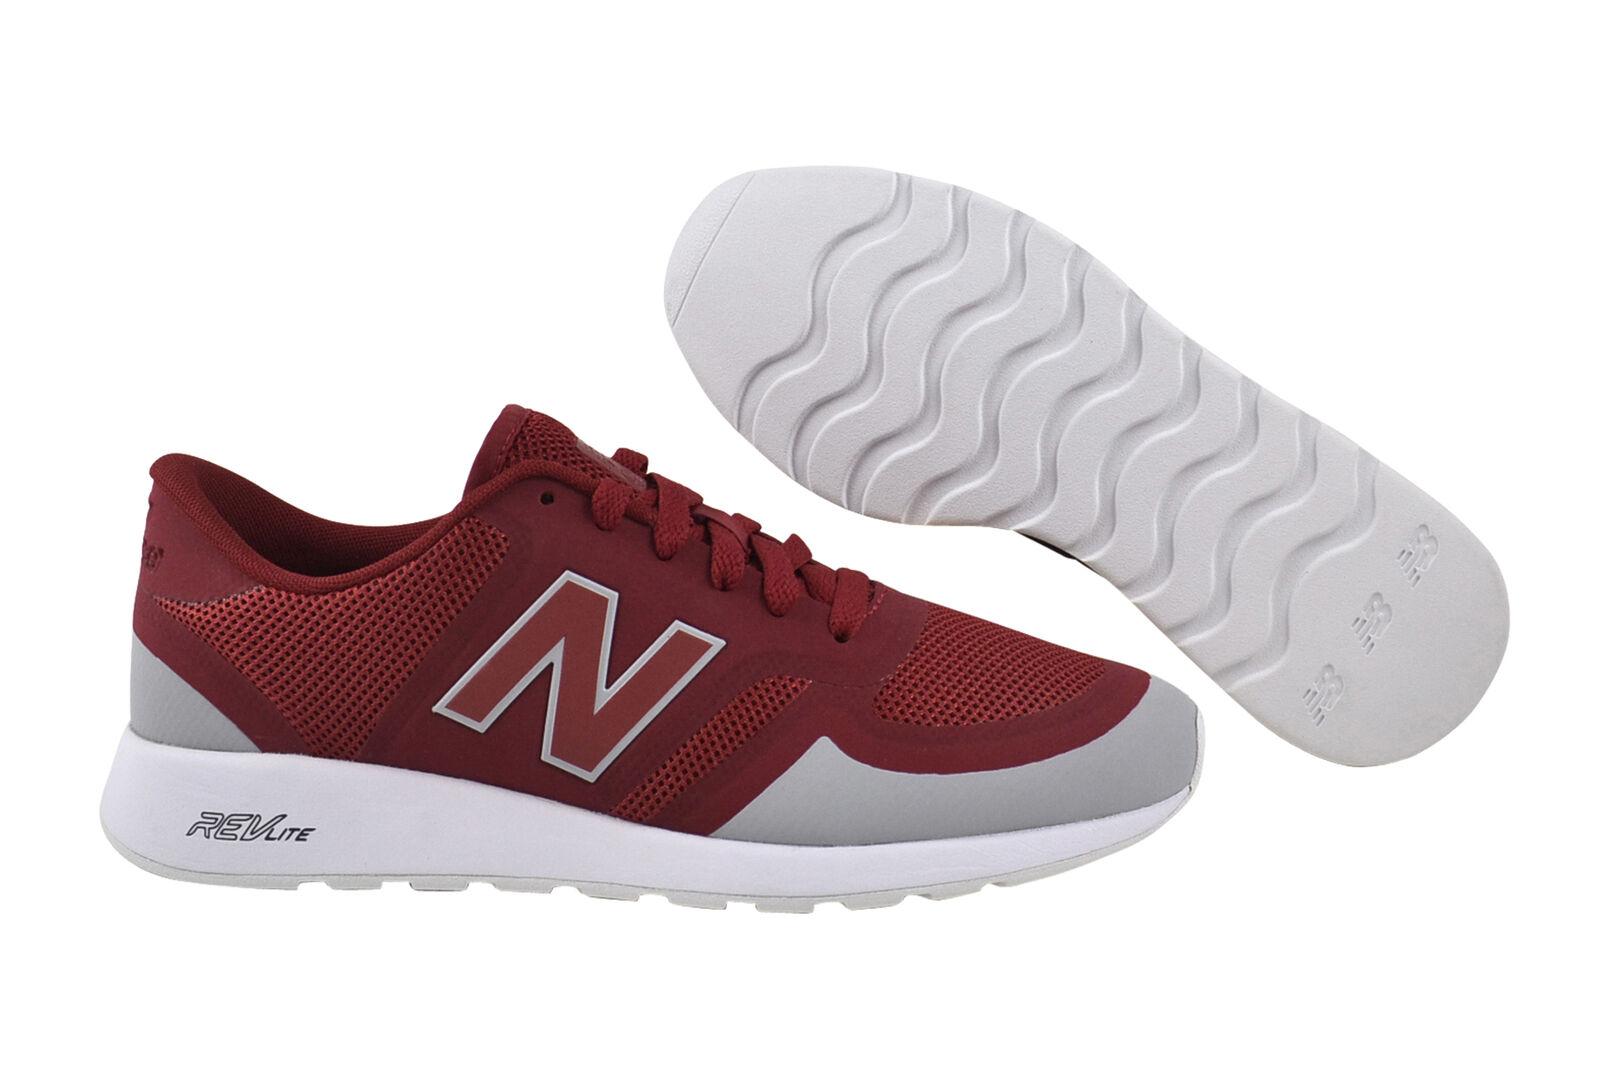 New Balance MRL420 GR red Sneaker/Schuhe rot